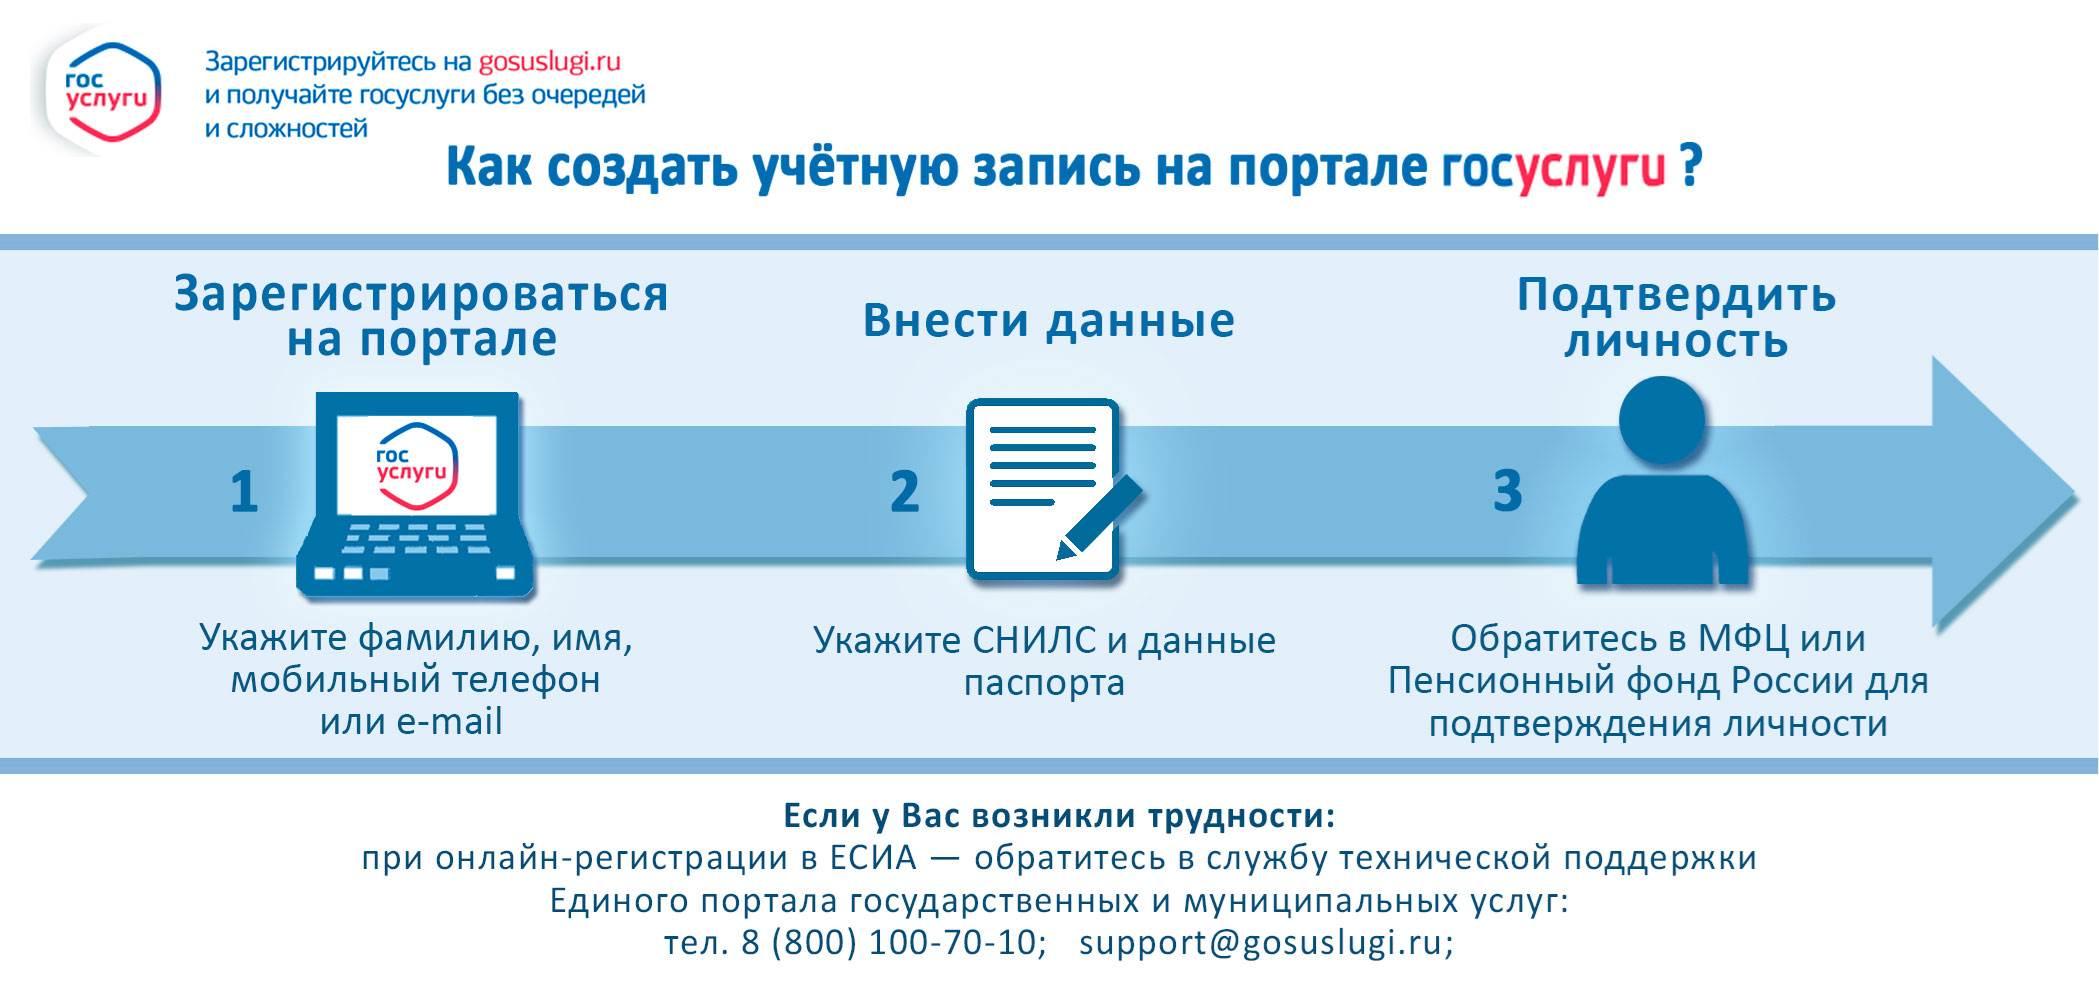 Процесс регистрации на портале Госуслуг